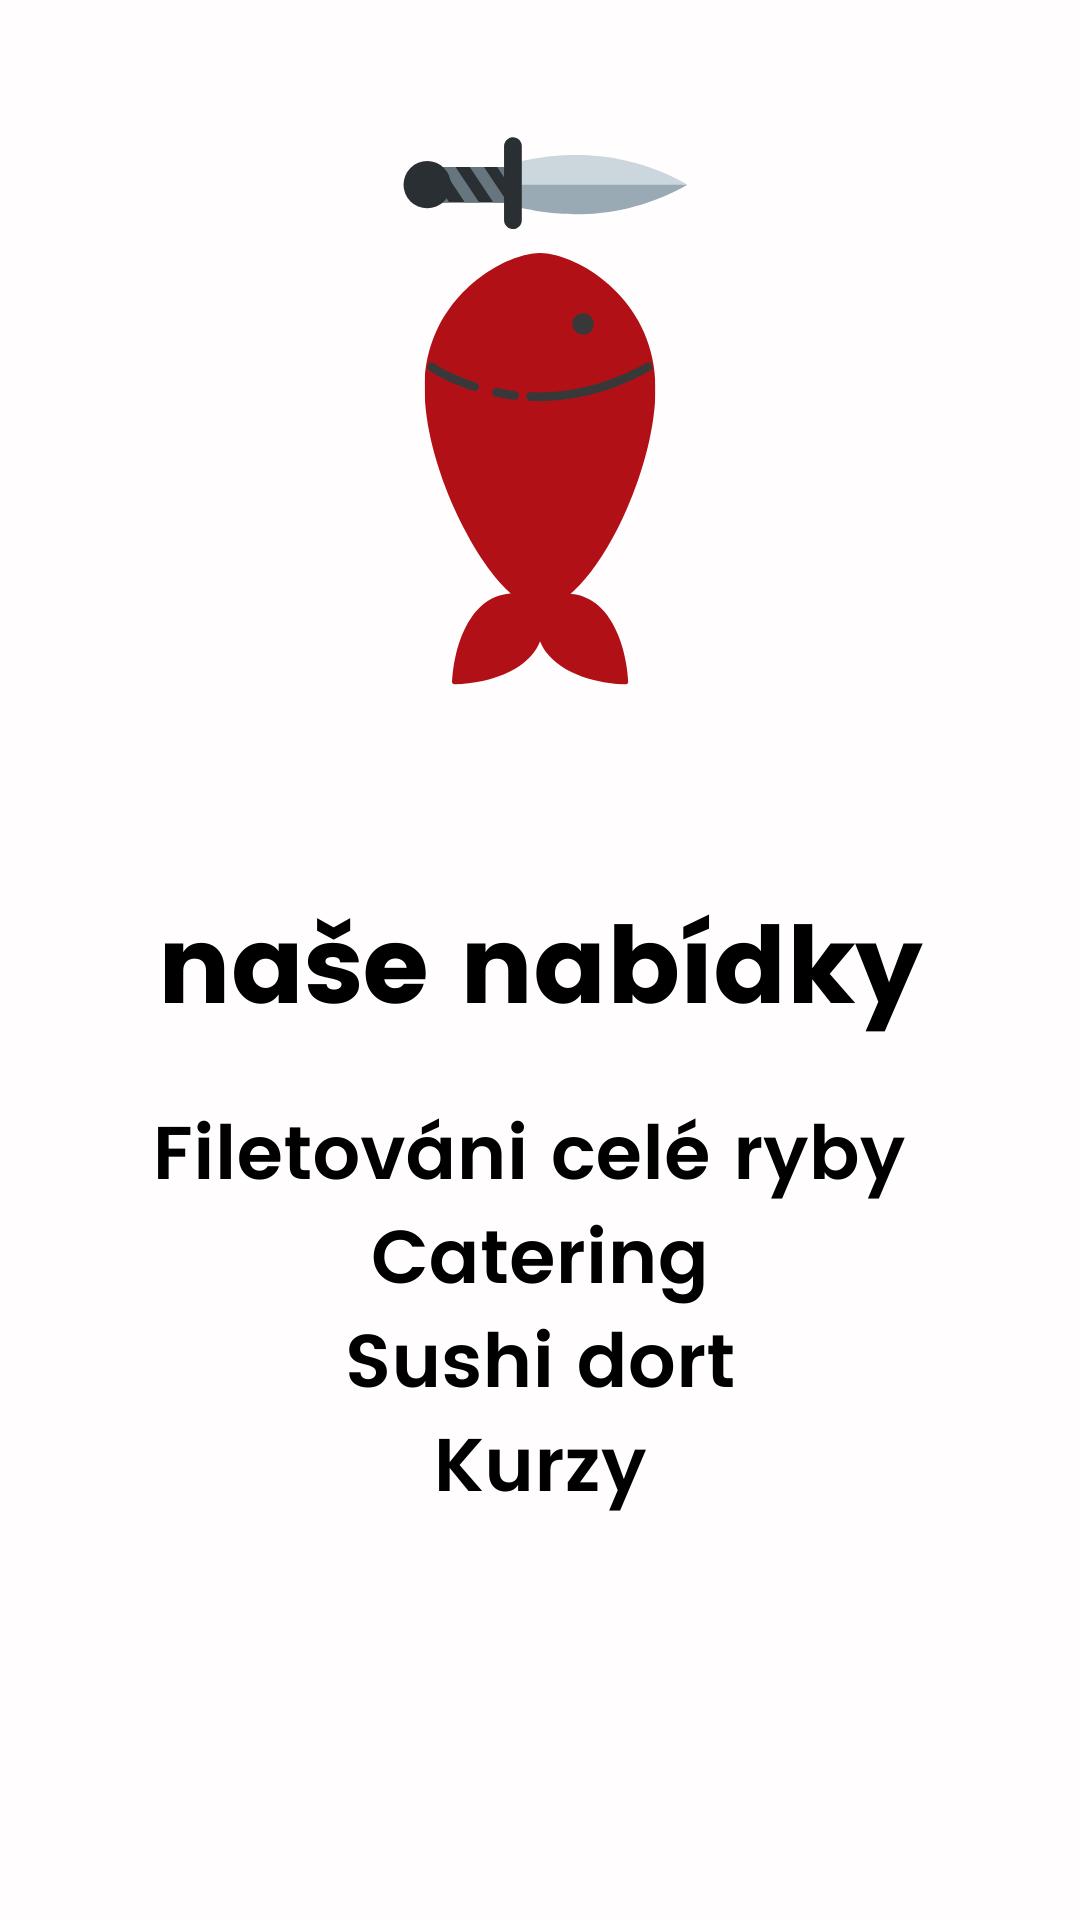 nase nabidky icon (1)